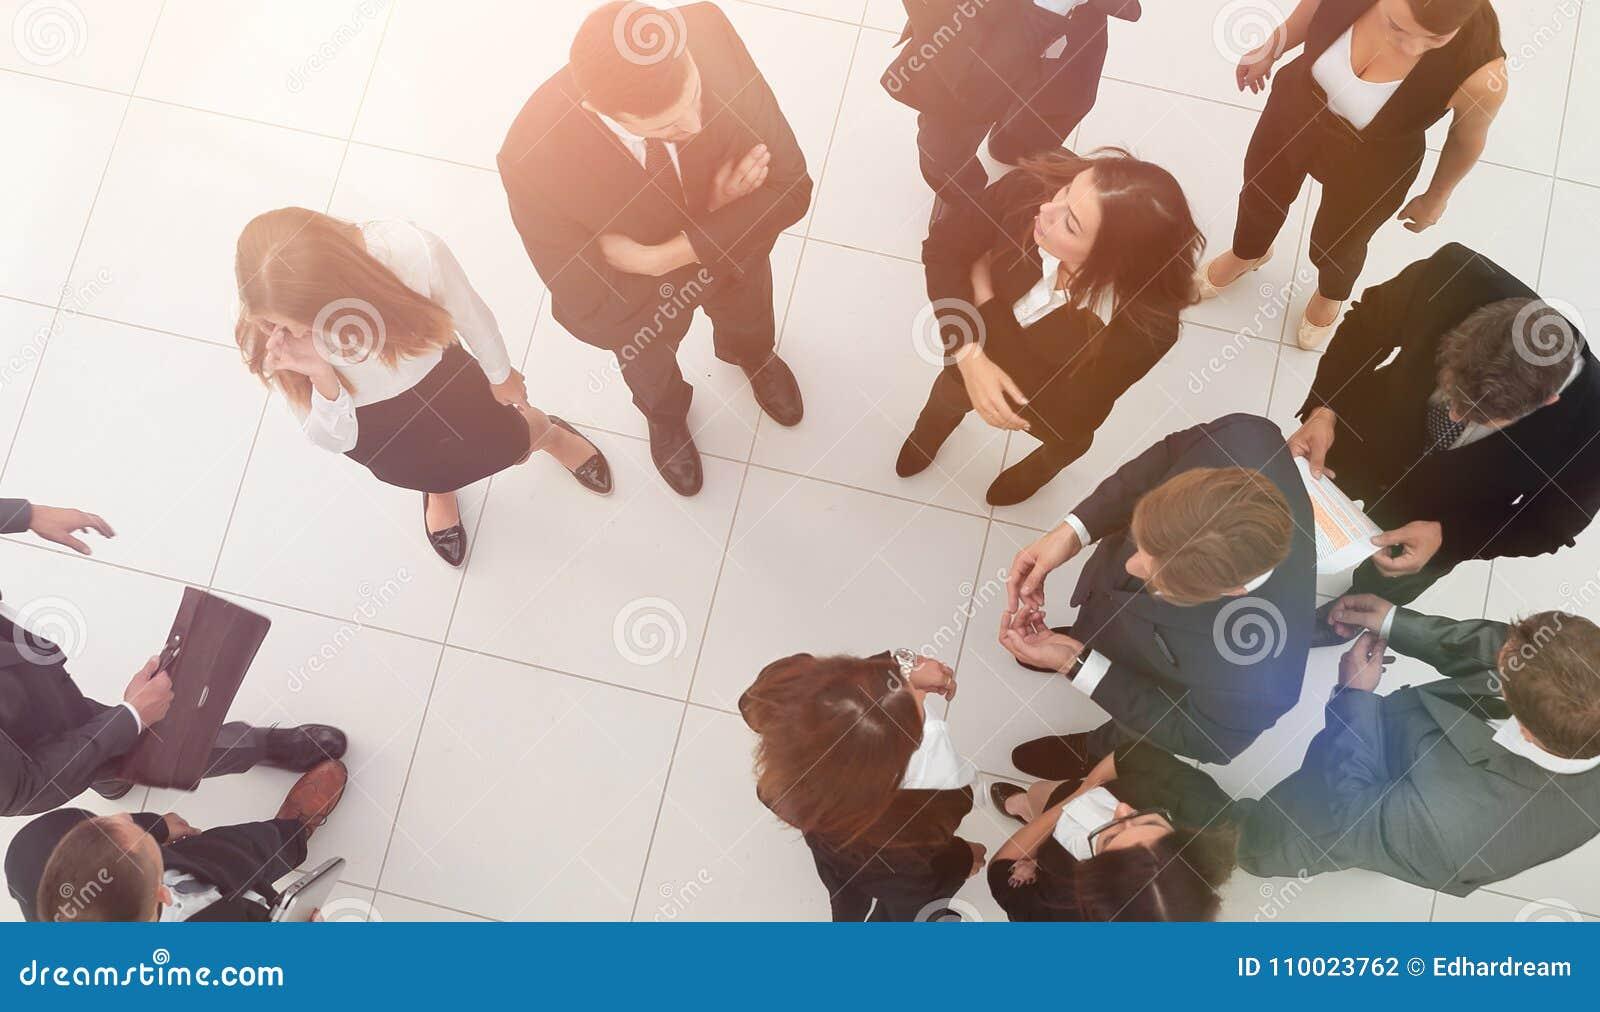 Pojęcia prowadzenia domu posiadanie klucza złoty sięgający niebo grupa ludzie biznesu w lobby biuro